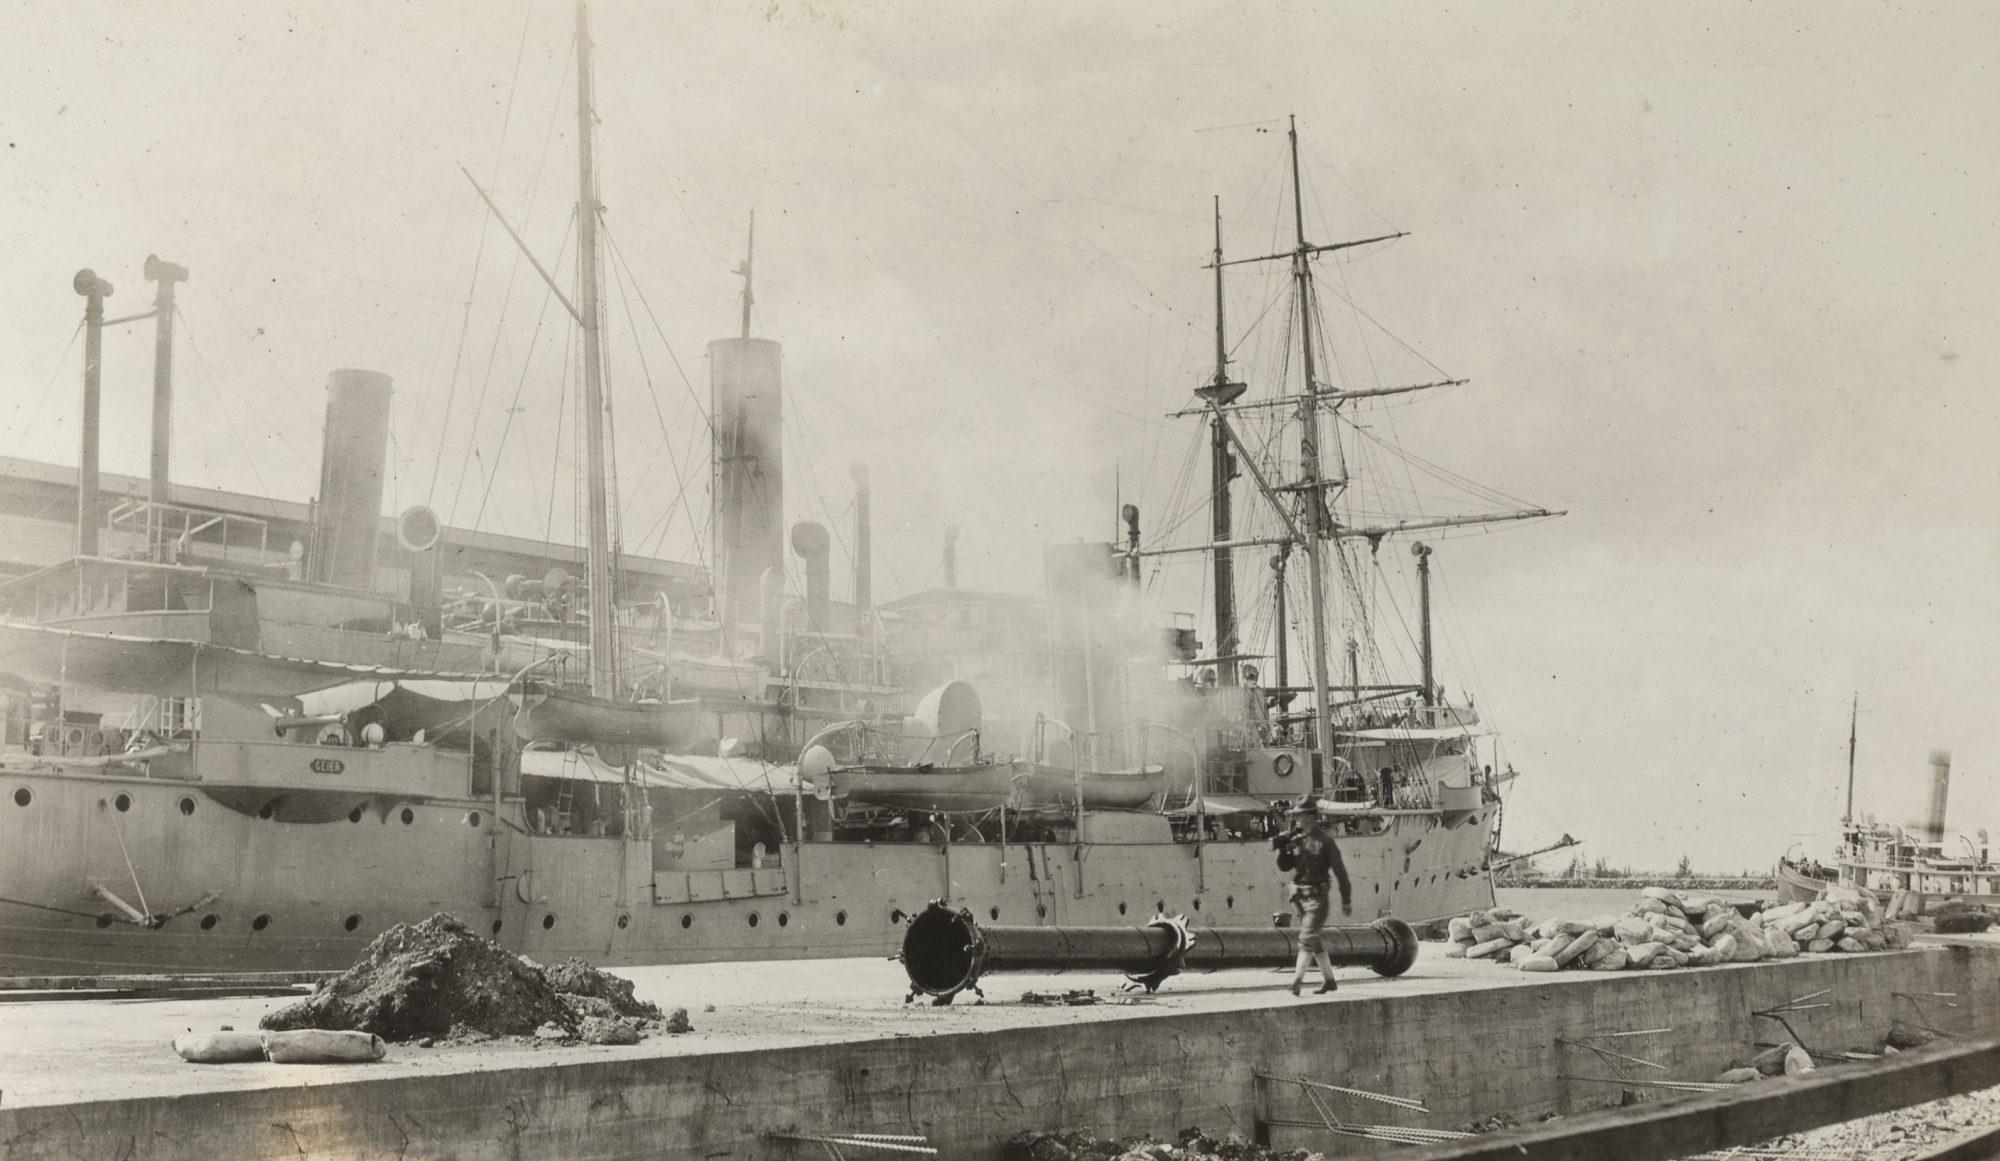 German cruiser Geier with boilers on fire being sabotauged by her crew Honolulu Feb 4 1917 Photo by Herbert NARA 165-WW-272C-007